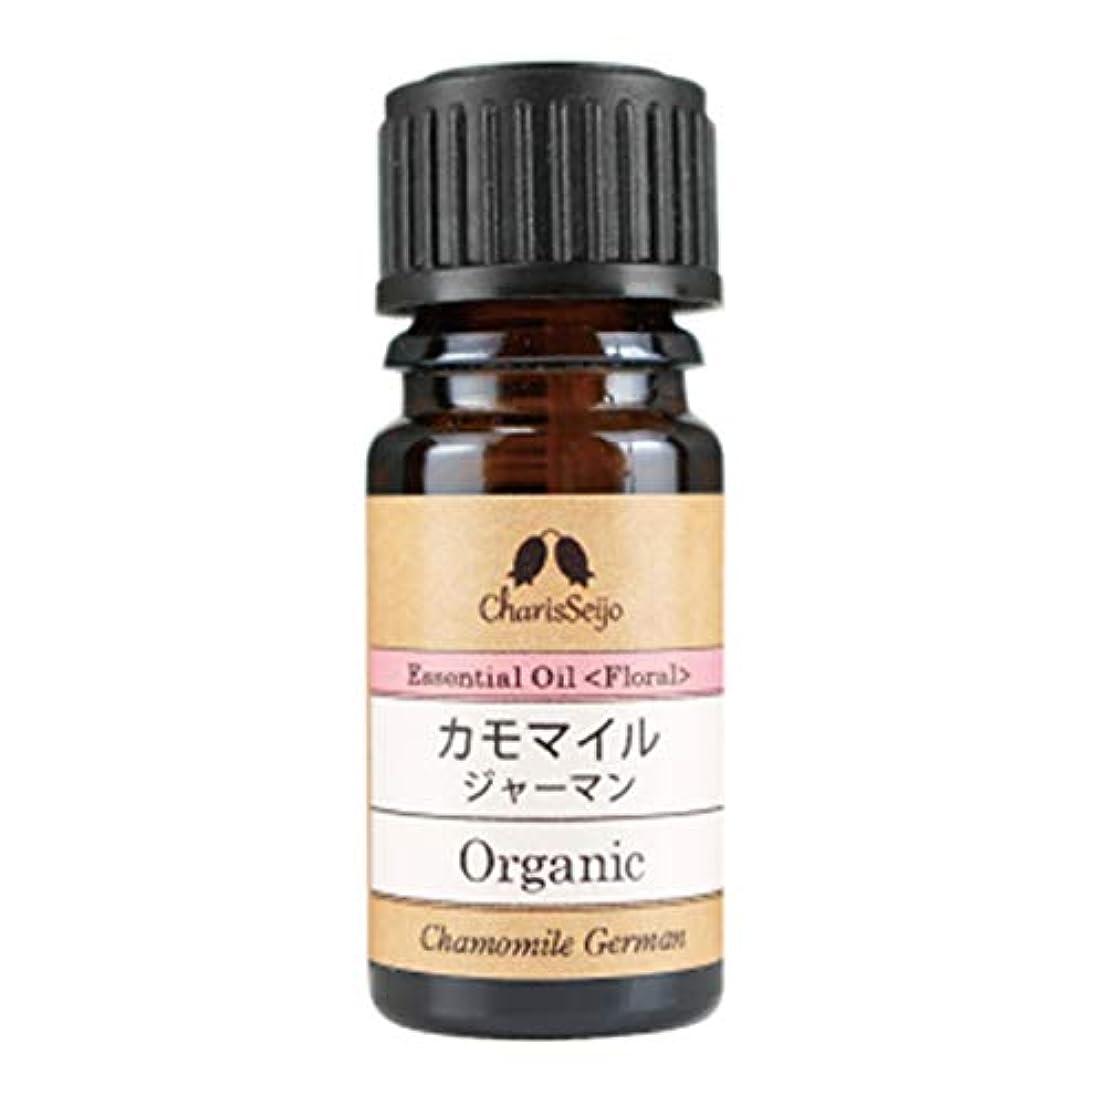 健康面白いラメカリス成城 カモマイル ジャーマン オーガニック オイル 2ml